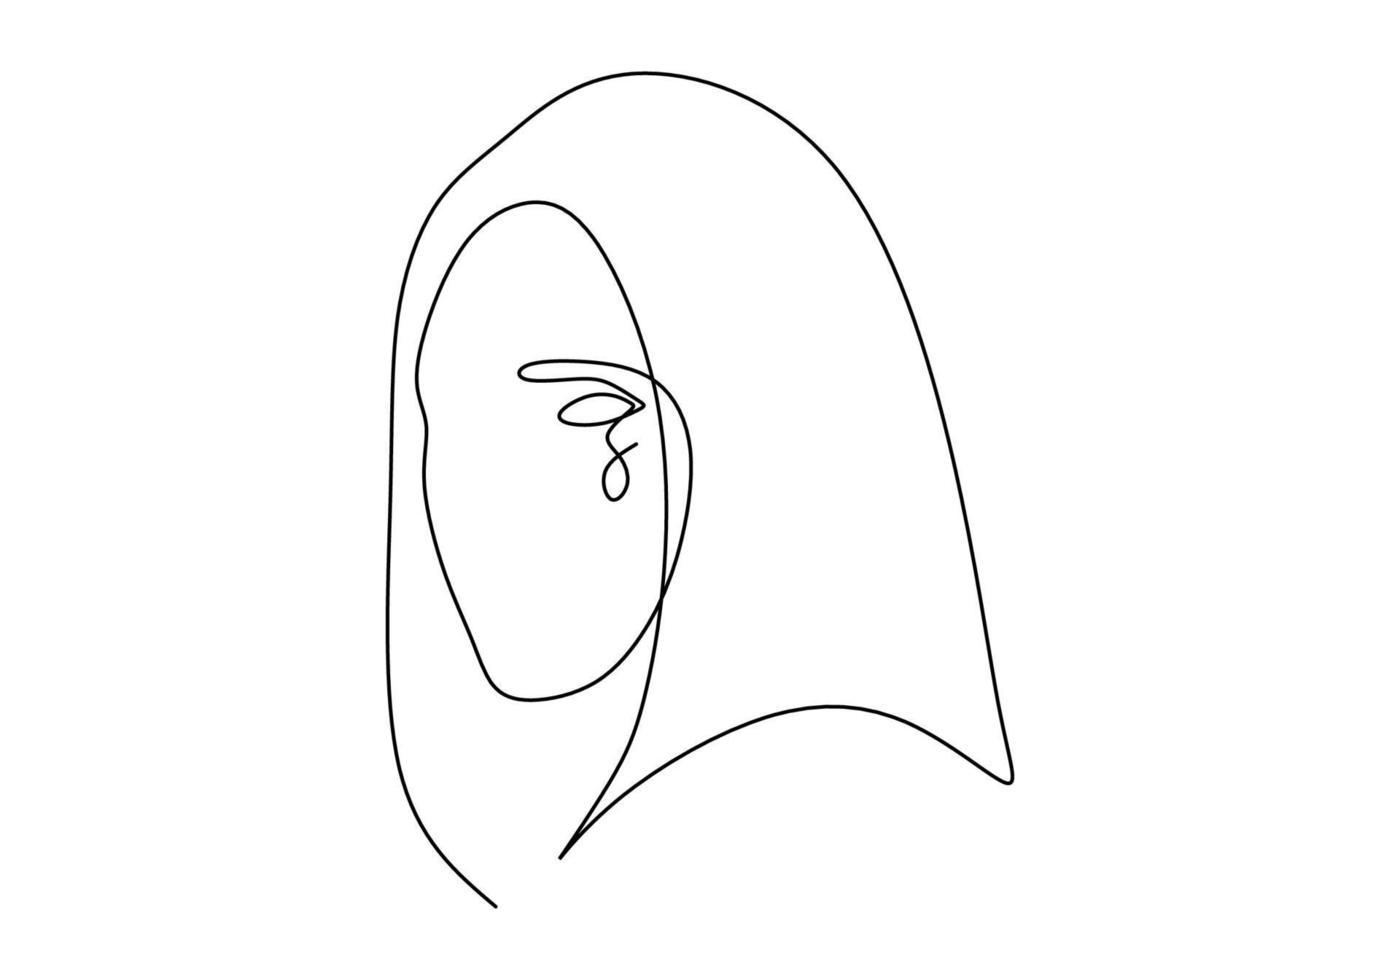 kontinuerlig linje ritning ansikte abstrakt. minimalism vektor isolerad på vit bakgrund.